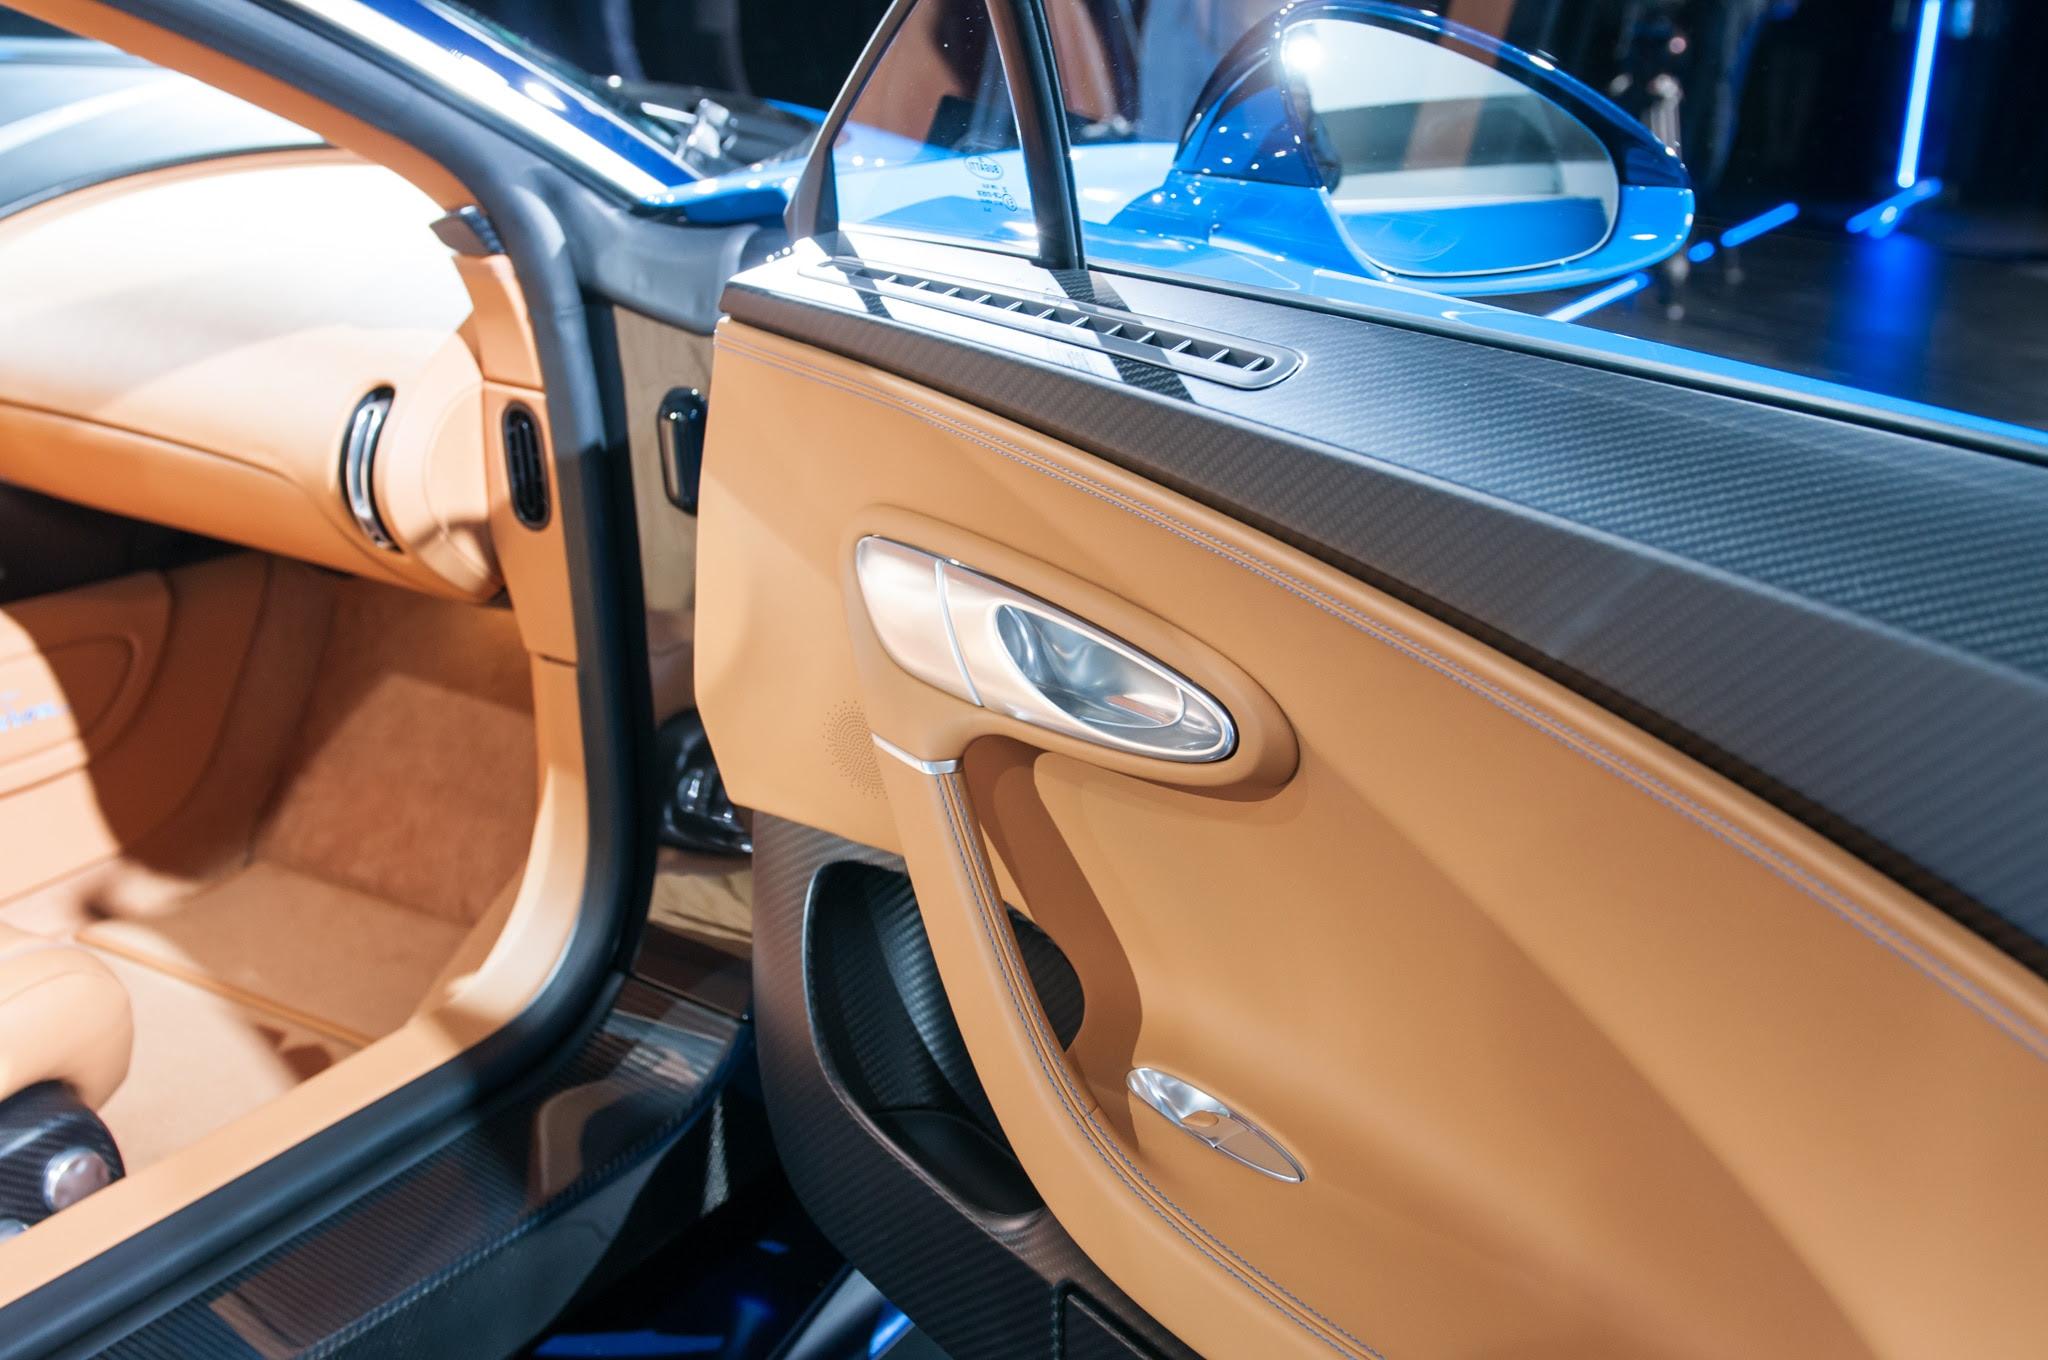 Bugatti Chiron Is a 1,500-HP, 280-MPH, Physics-Defying Masterpiece ...